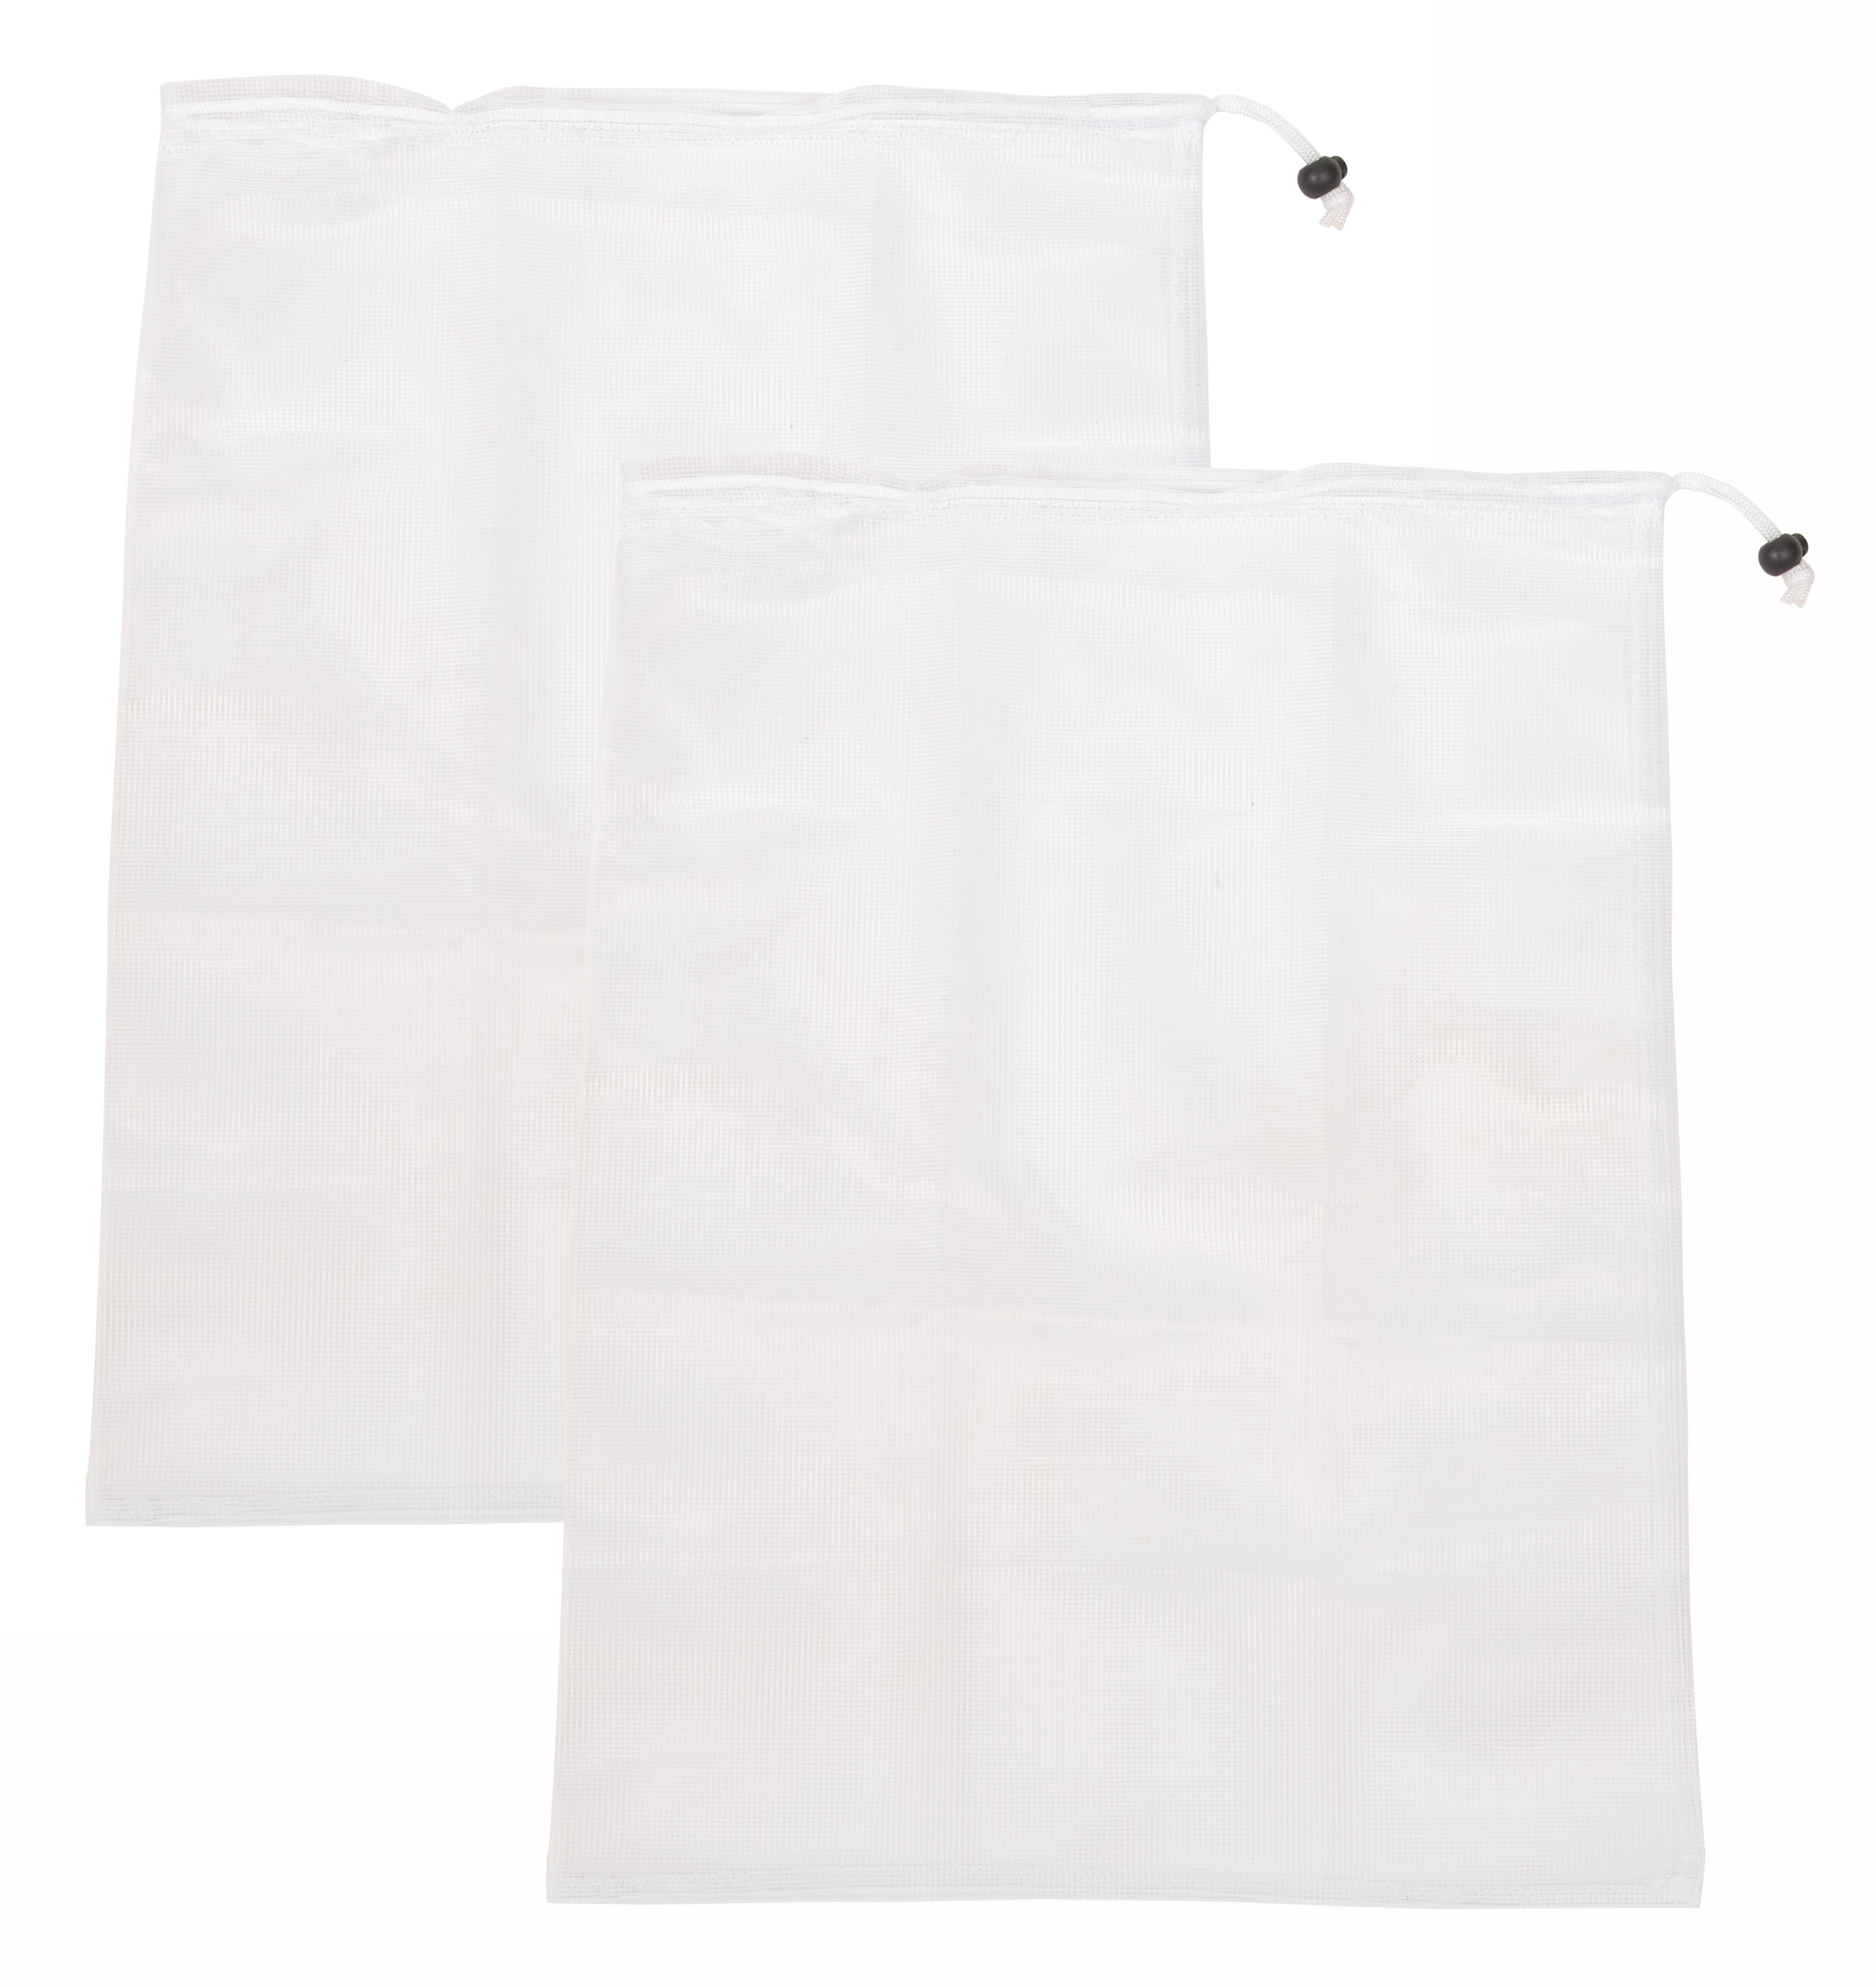 Bag for Leaf Master Pool Leaf Cleaner/Leaf Eater/Leaf Catcher/Leaf Gulper 2 Pack